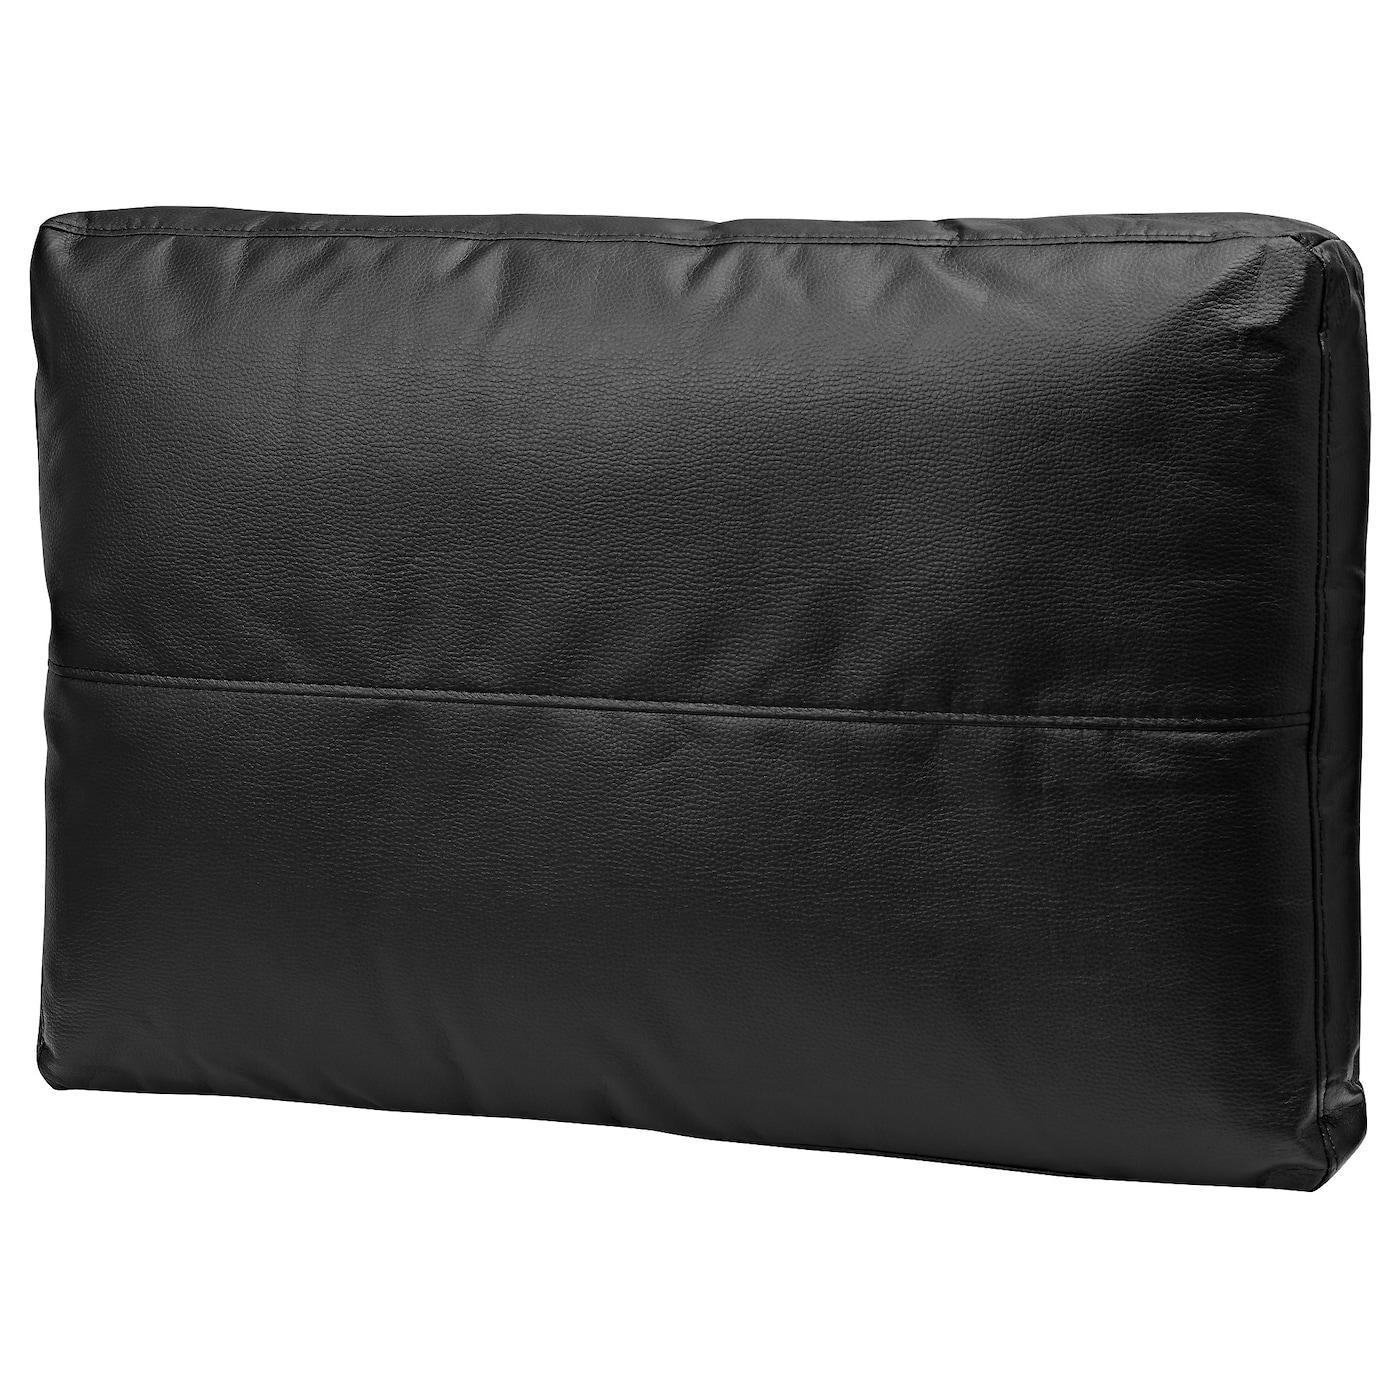 Friheten Ikea friheten corner sofa bed with storage bomstad black ikea